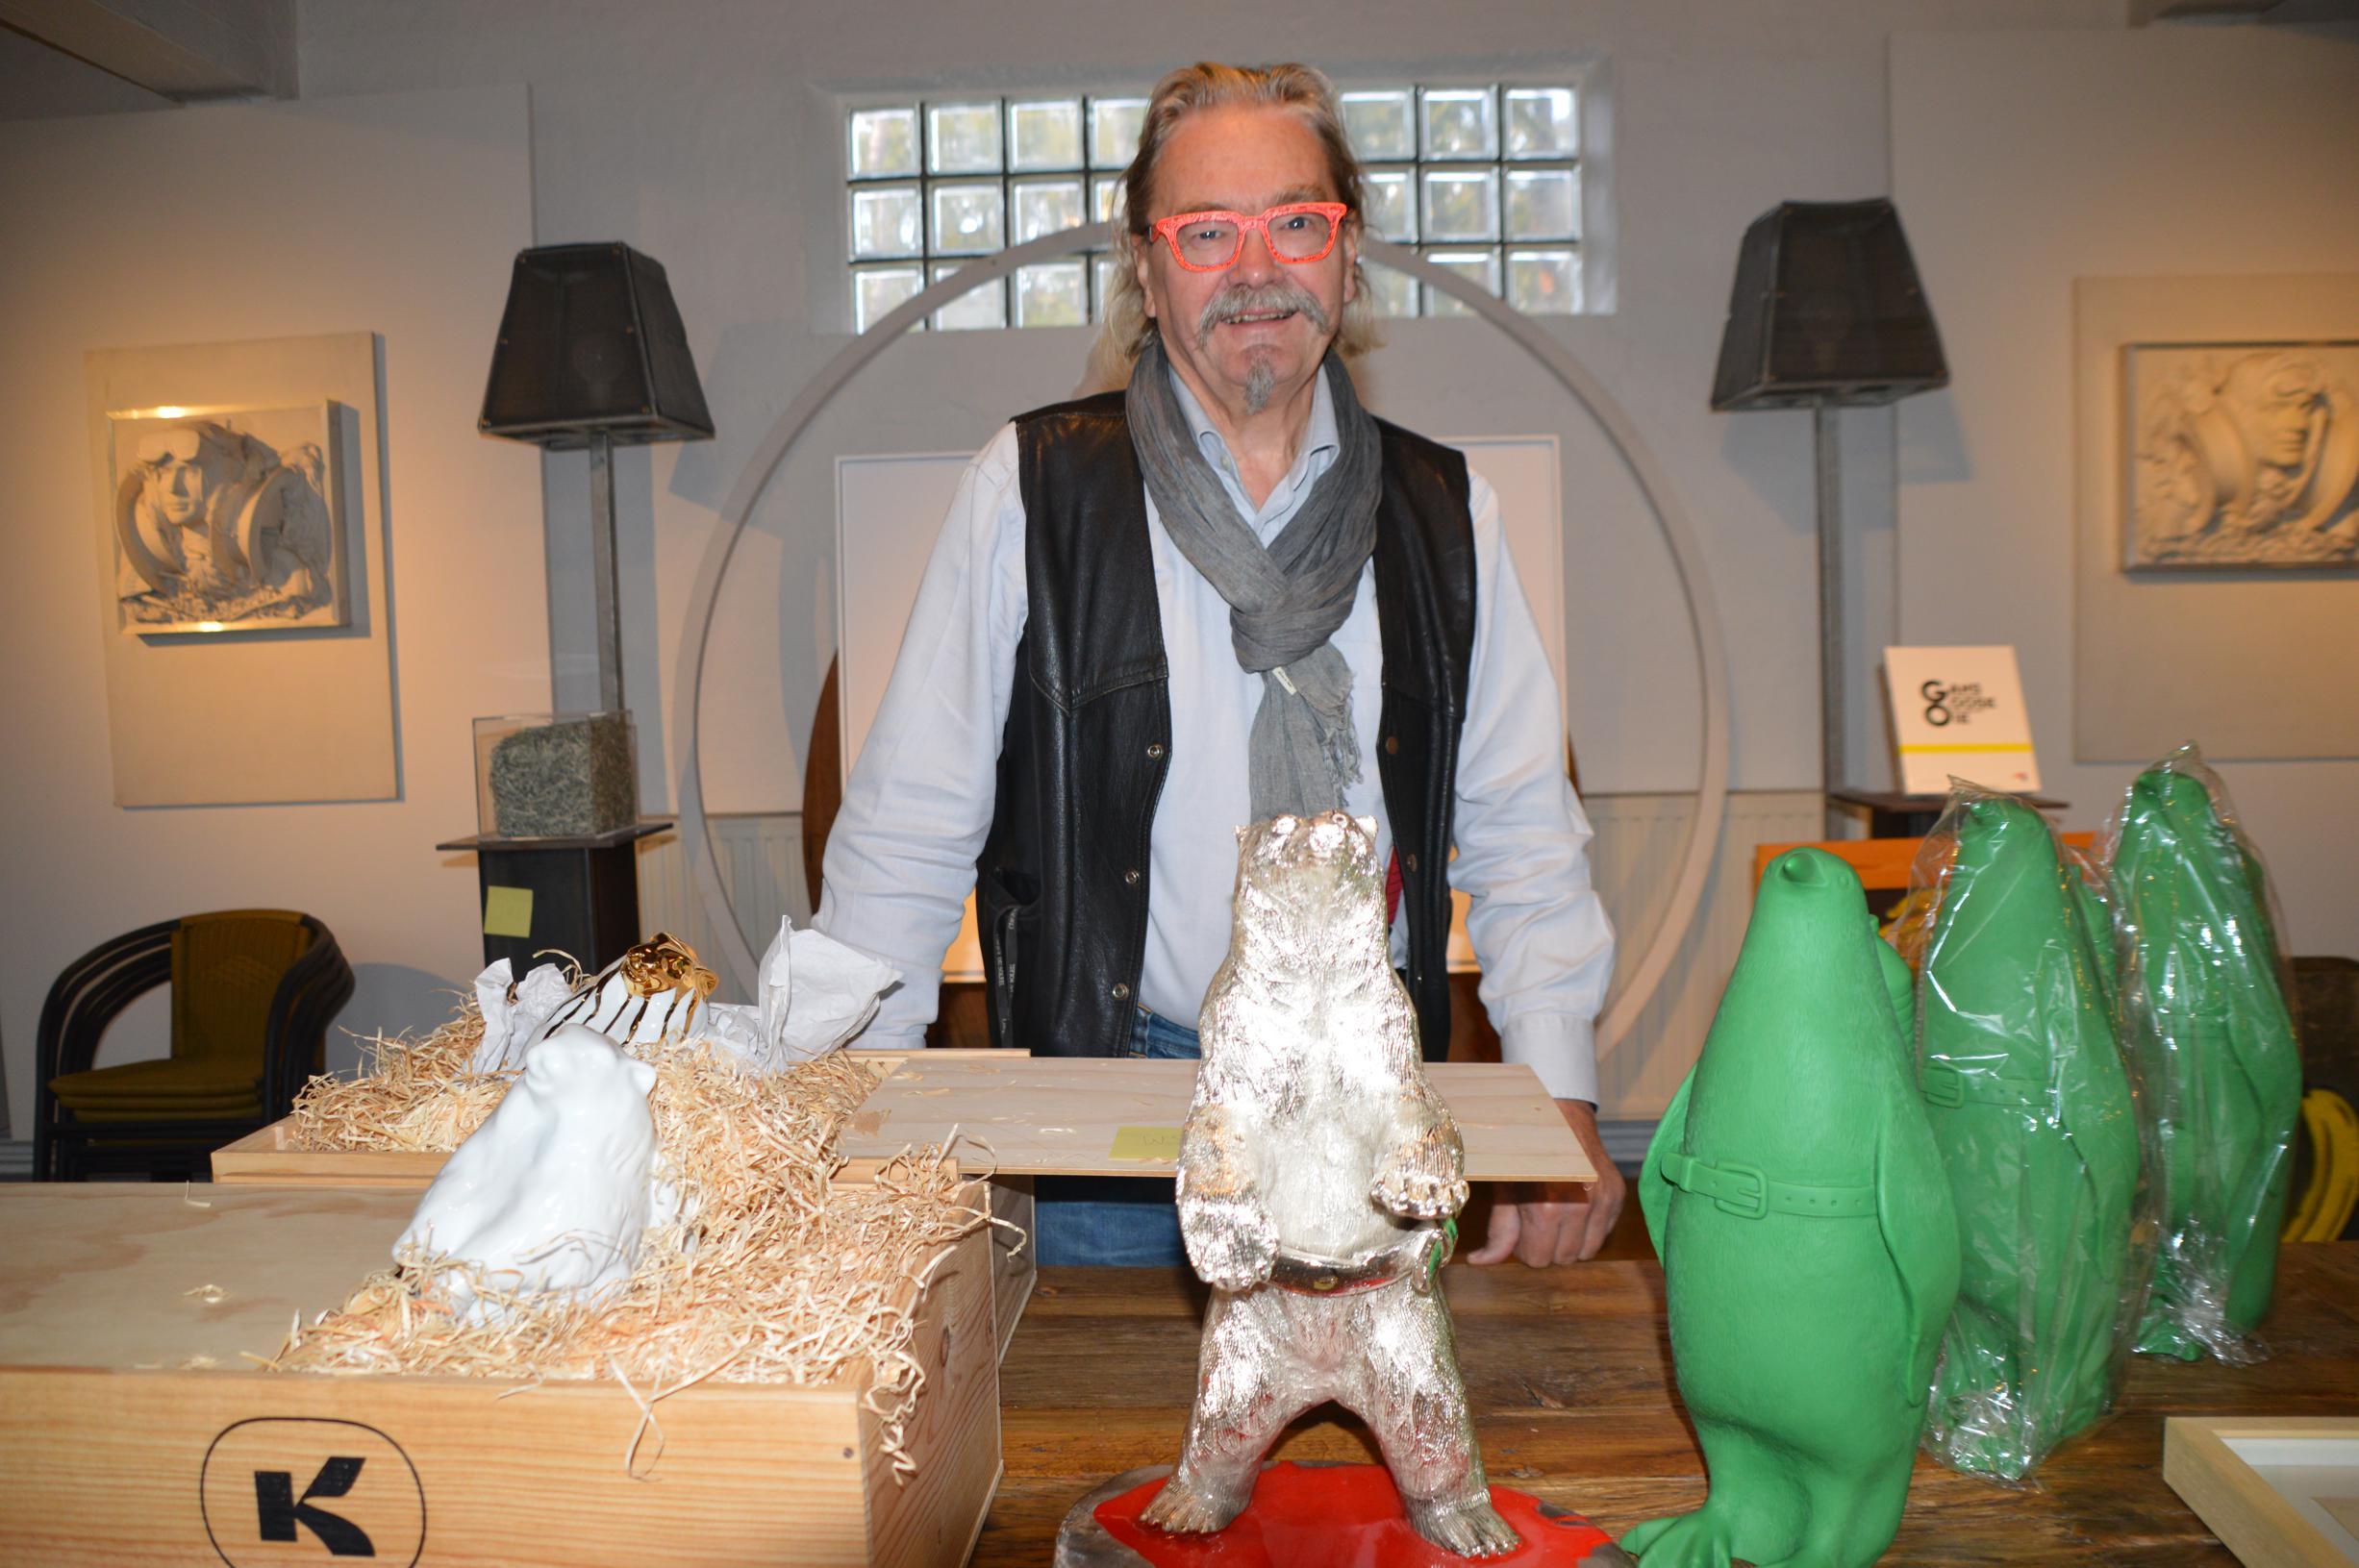 Kunst- en duivenverkoop steunen goede doelen (Malle) - Het Nieuwsblad